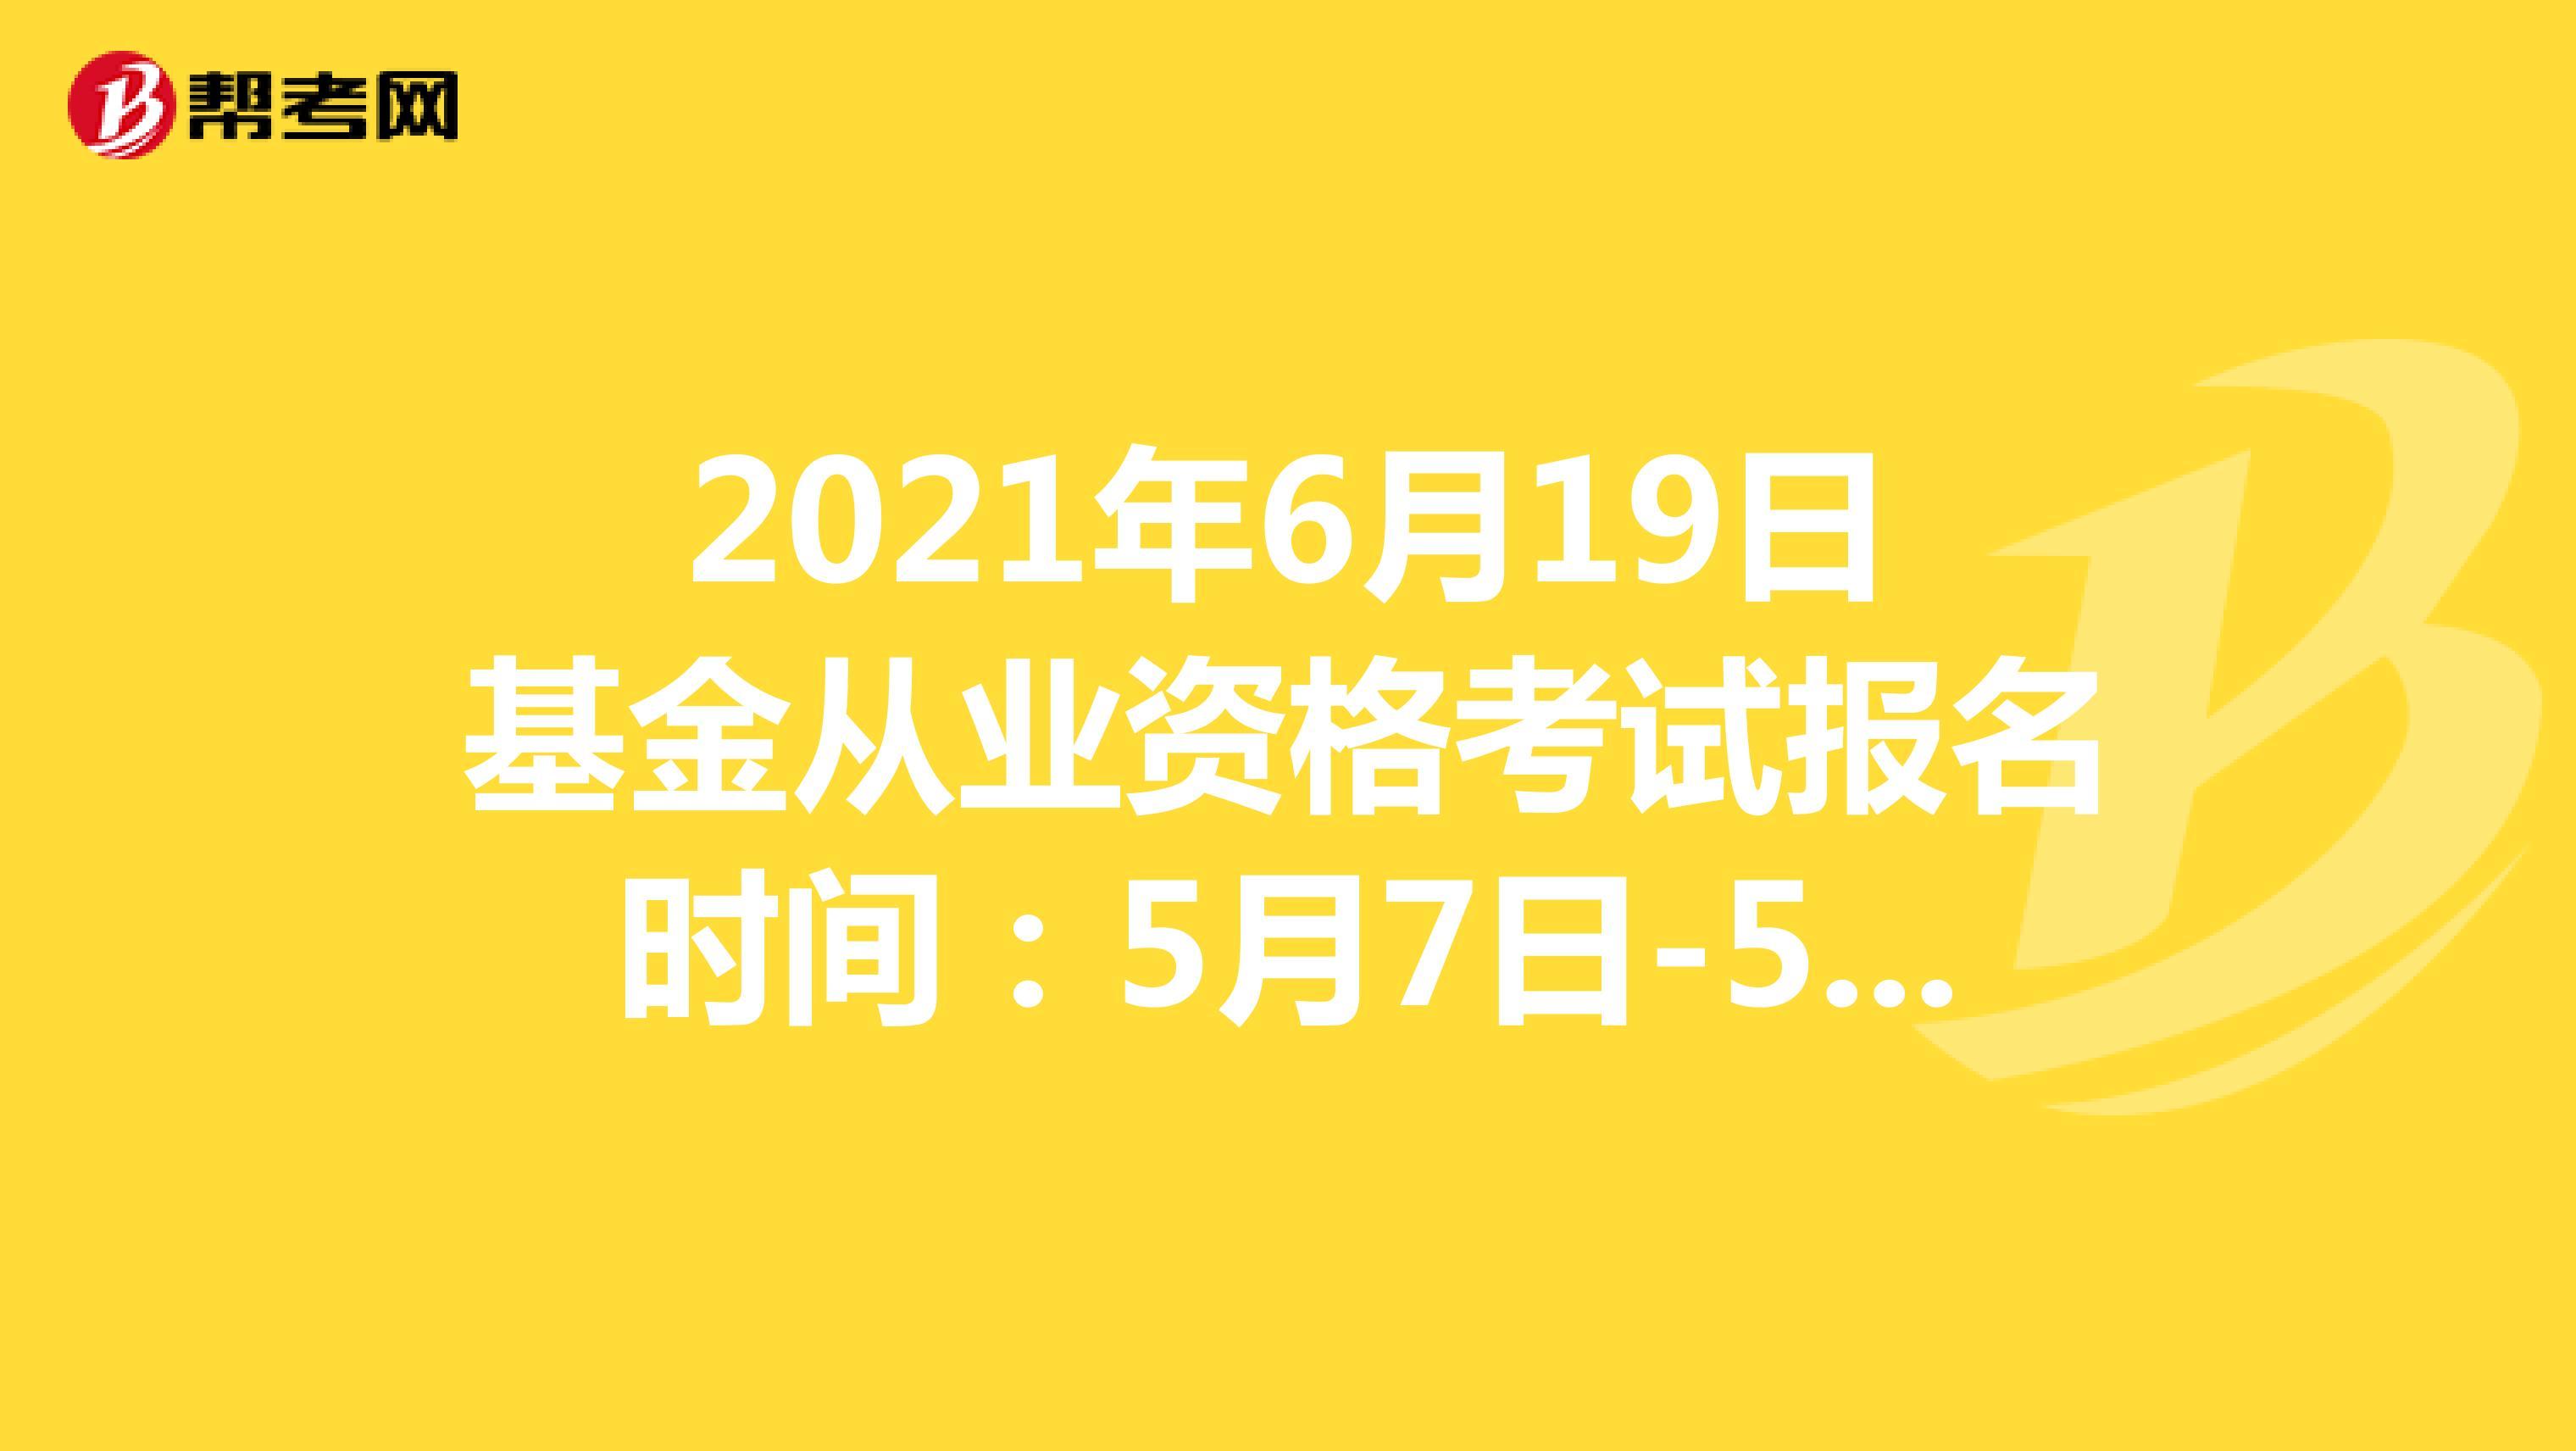 2021年6月19日基金从业资格考试报名时间:5月7日-5月30日